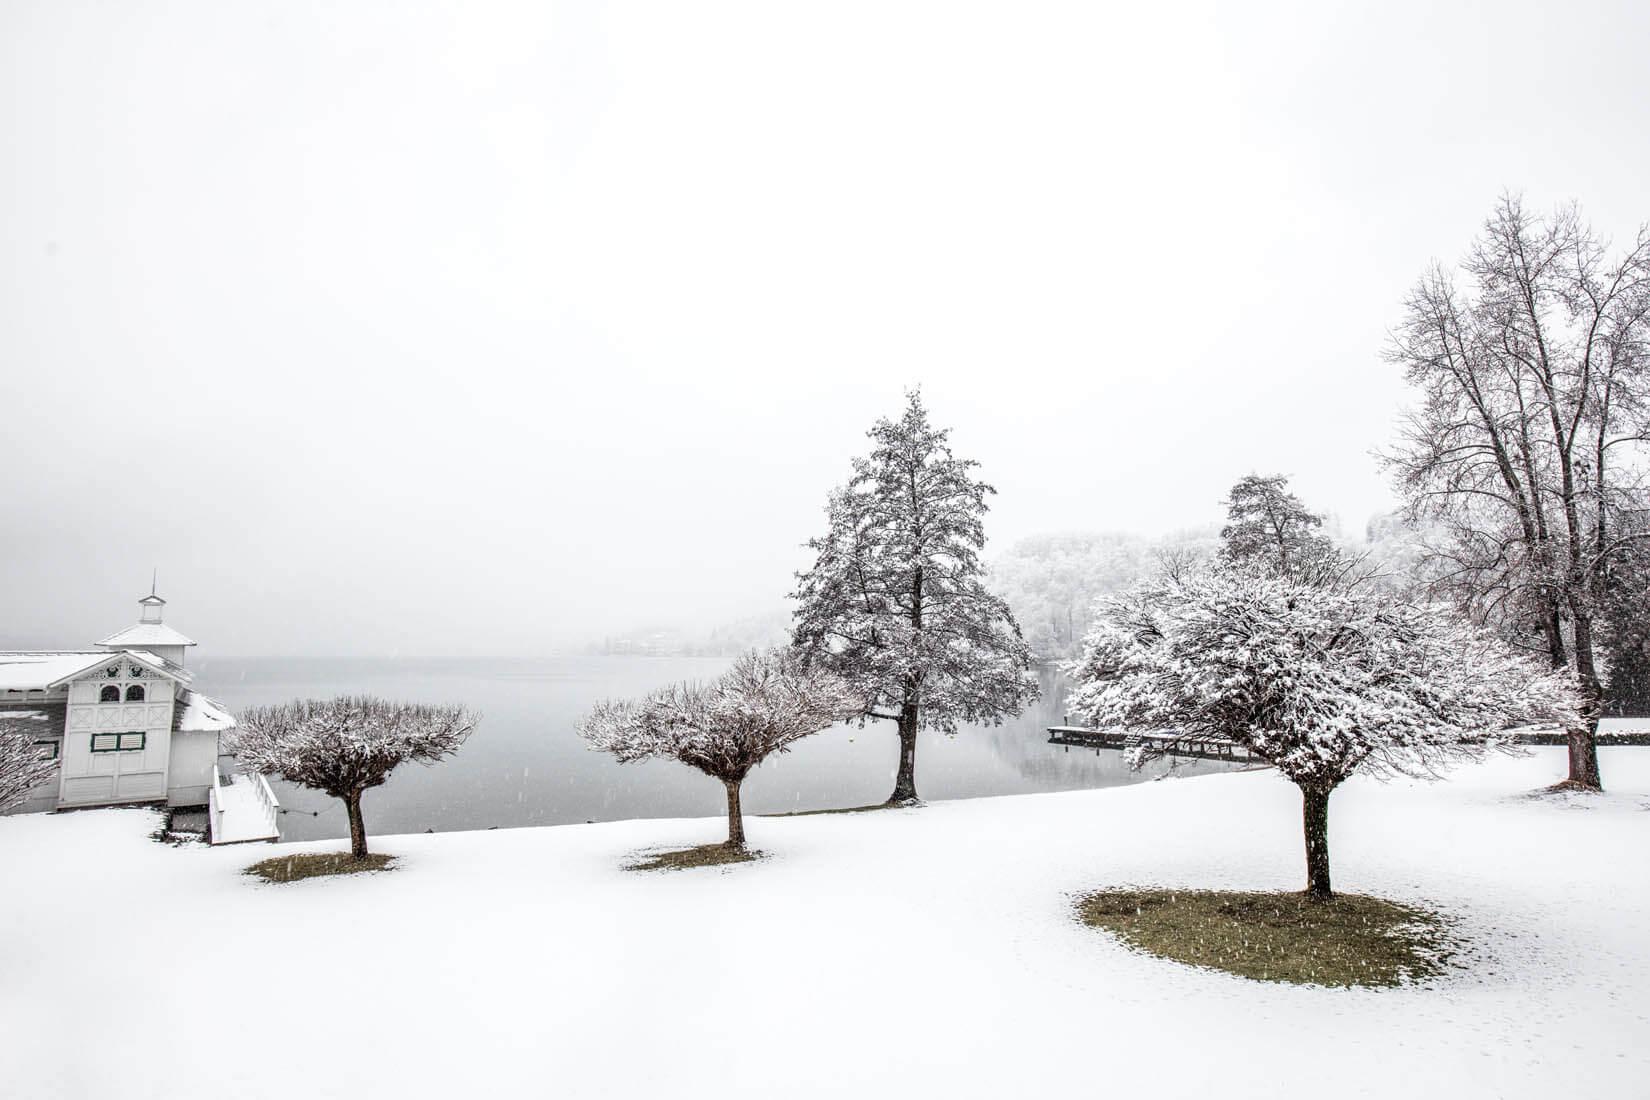 Wintertourismus Fotografie bei Pörtschach am Wörthersee, Kärnten